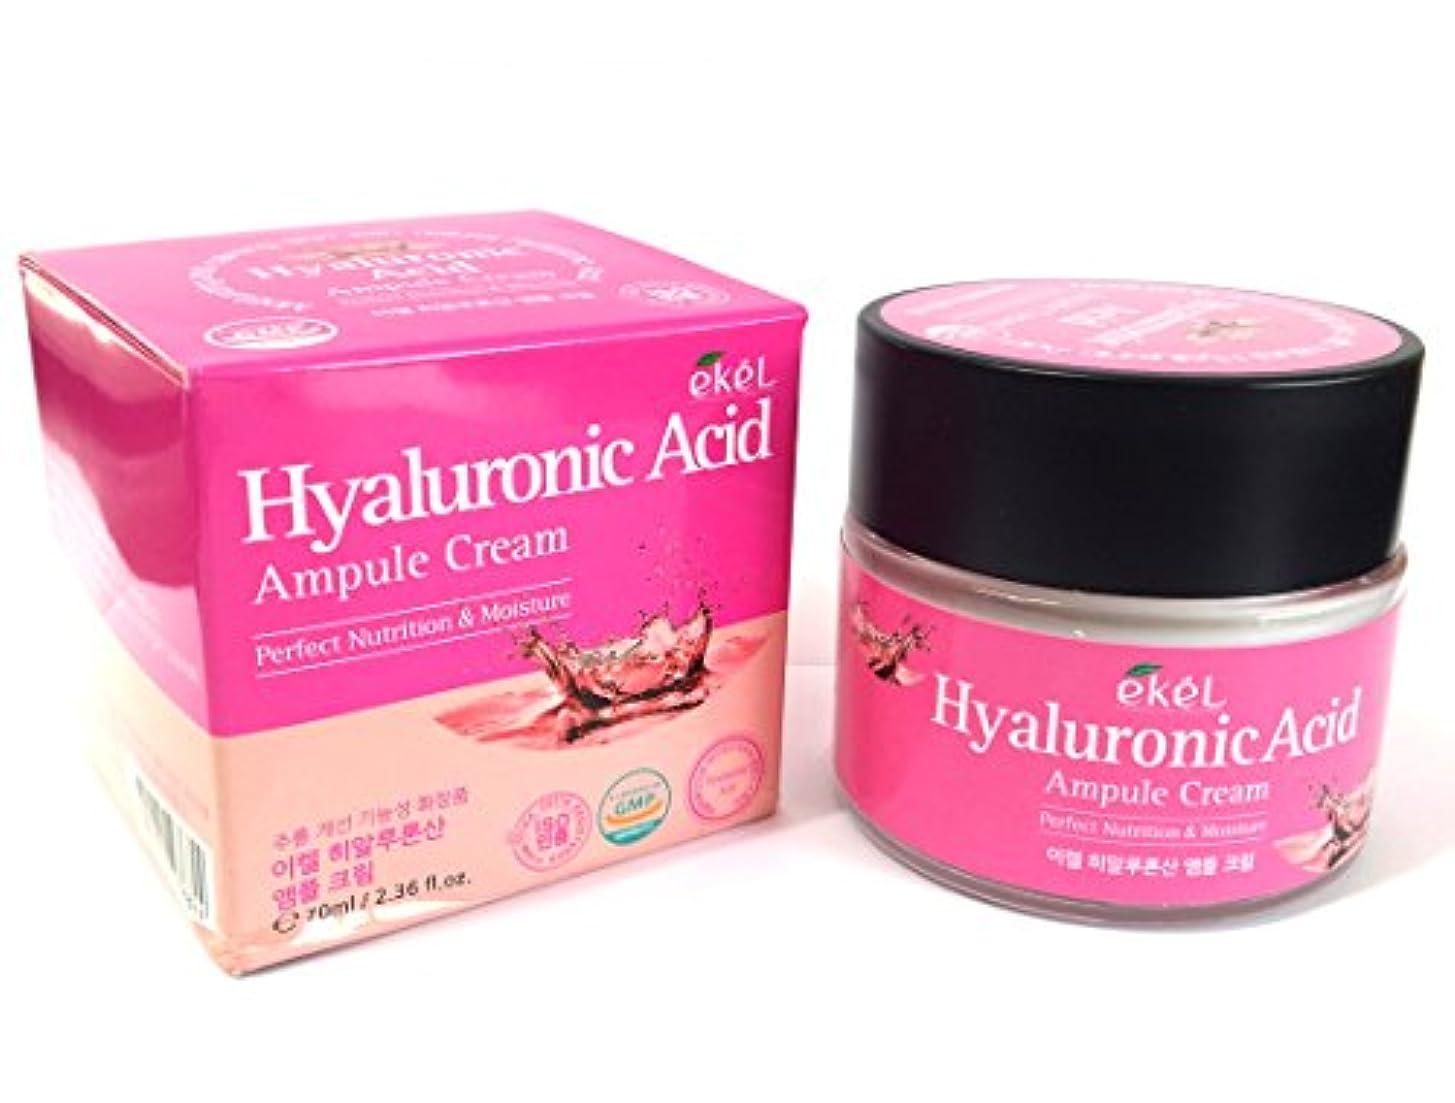 住人それぞれ黙認する[EKEL] ヒアルロン酸アンプルクリーム70ml / 完璧な栄養と水分 / 韓国化粧品/ Hyaluronic Acid Ampule Cream 70ml / Perfect Nutrition & Moisture...